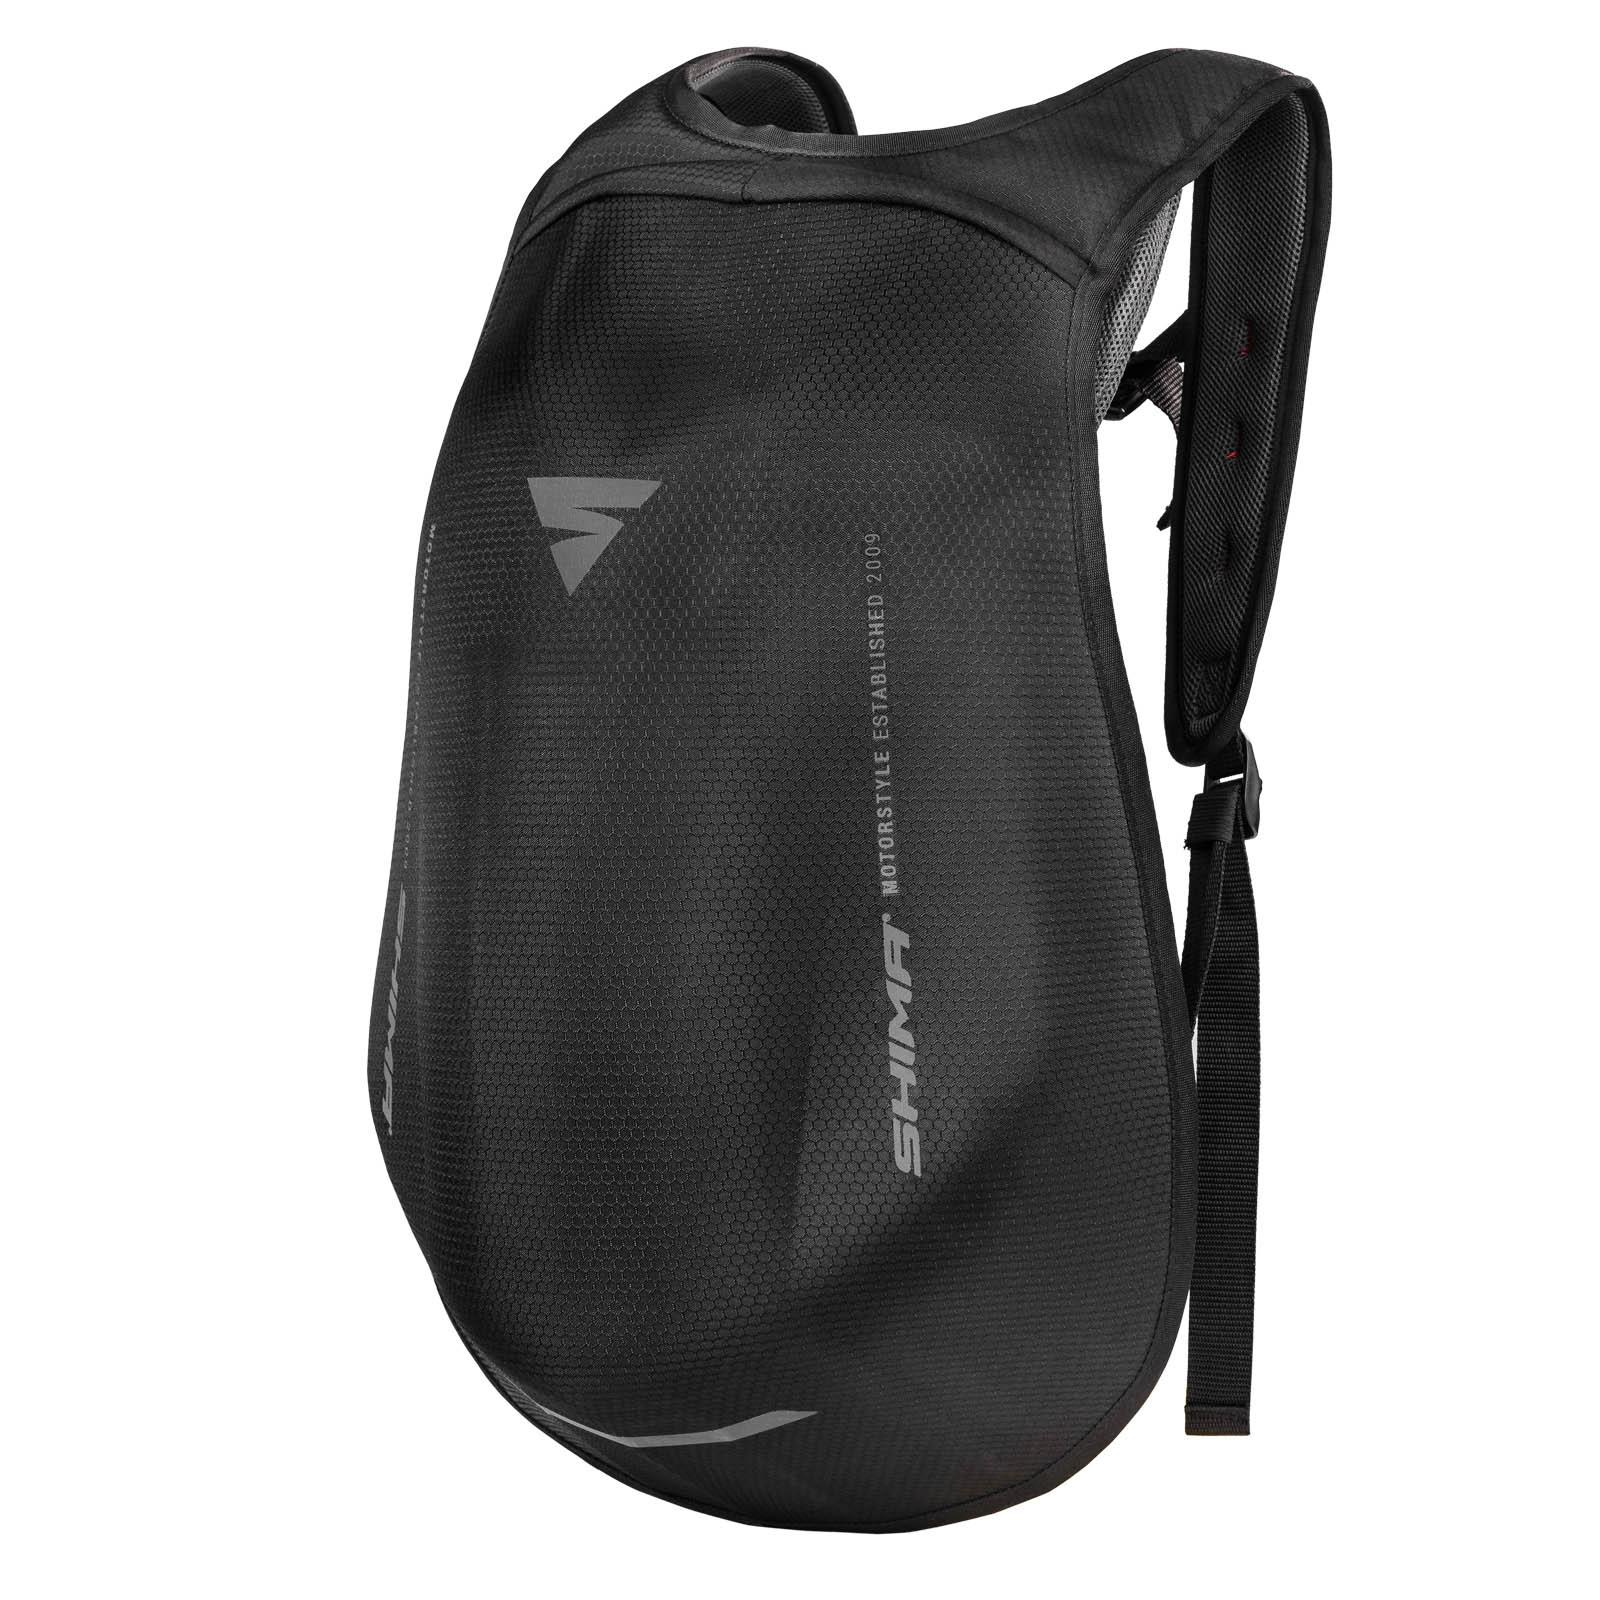 Rucsac de motociclete Ayro Backpack вид спереди купить по низкой цене